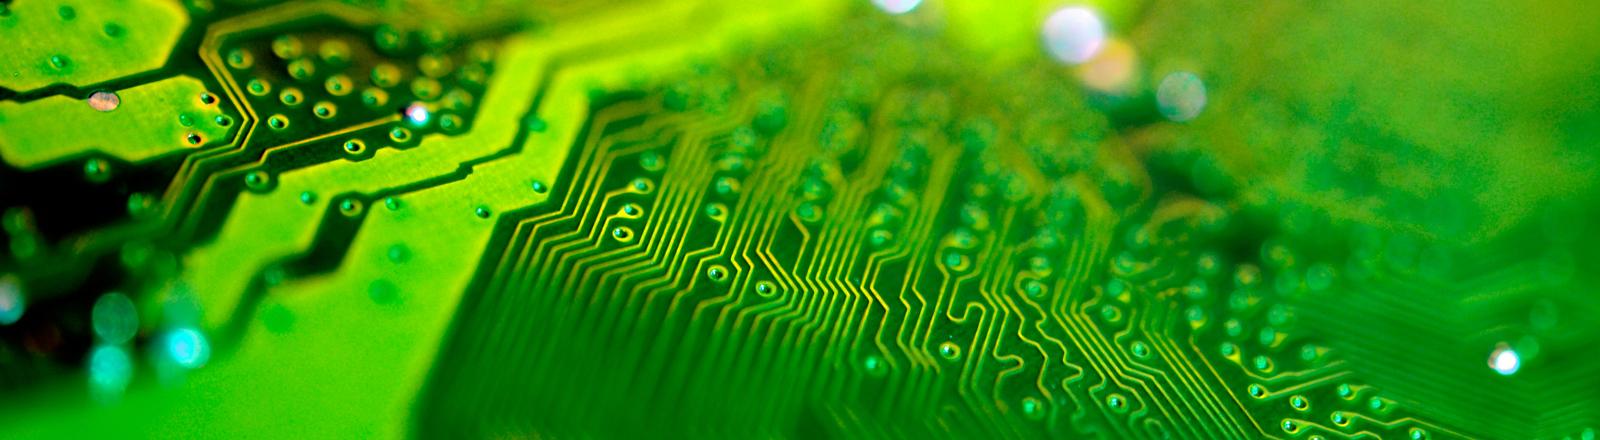 Eine grün leuchtende Computer-Platine.